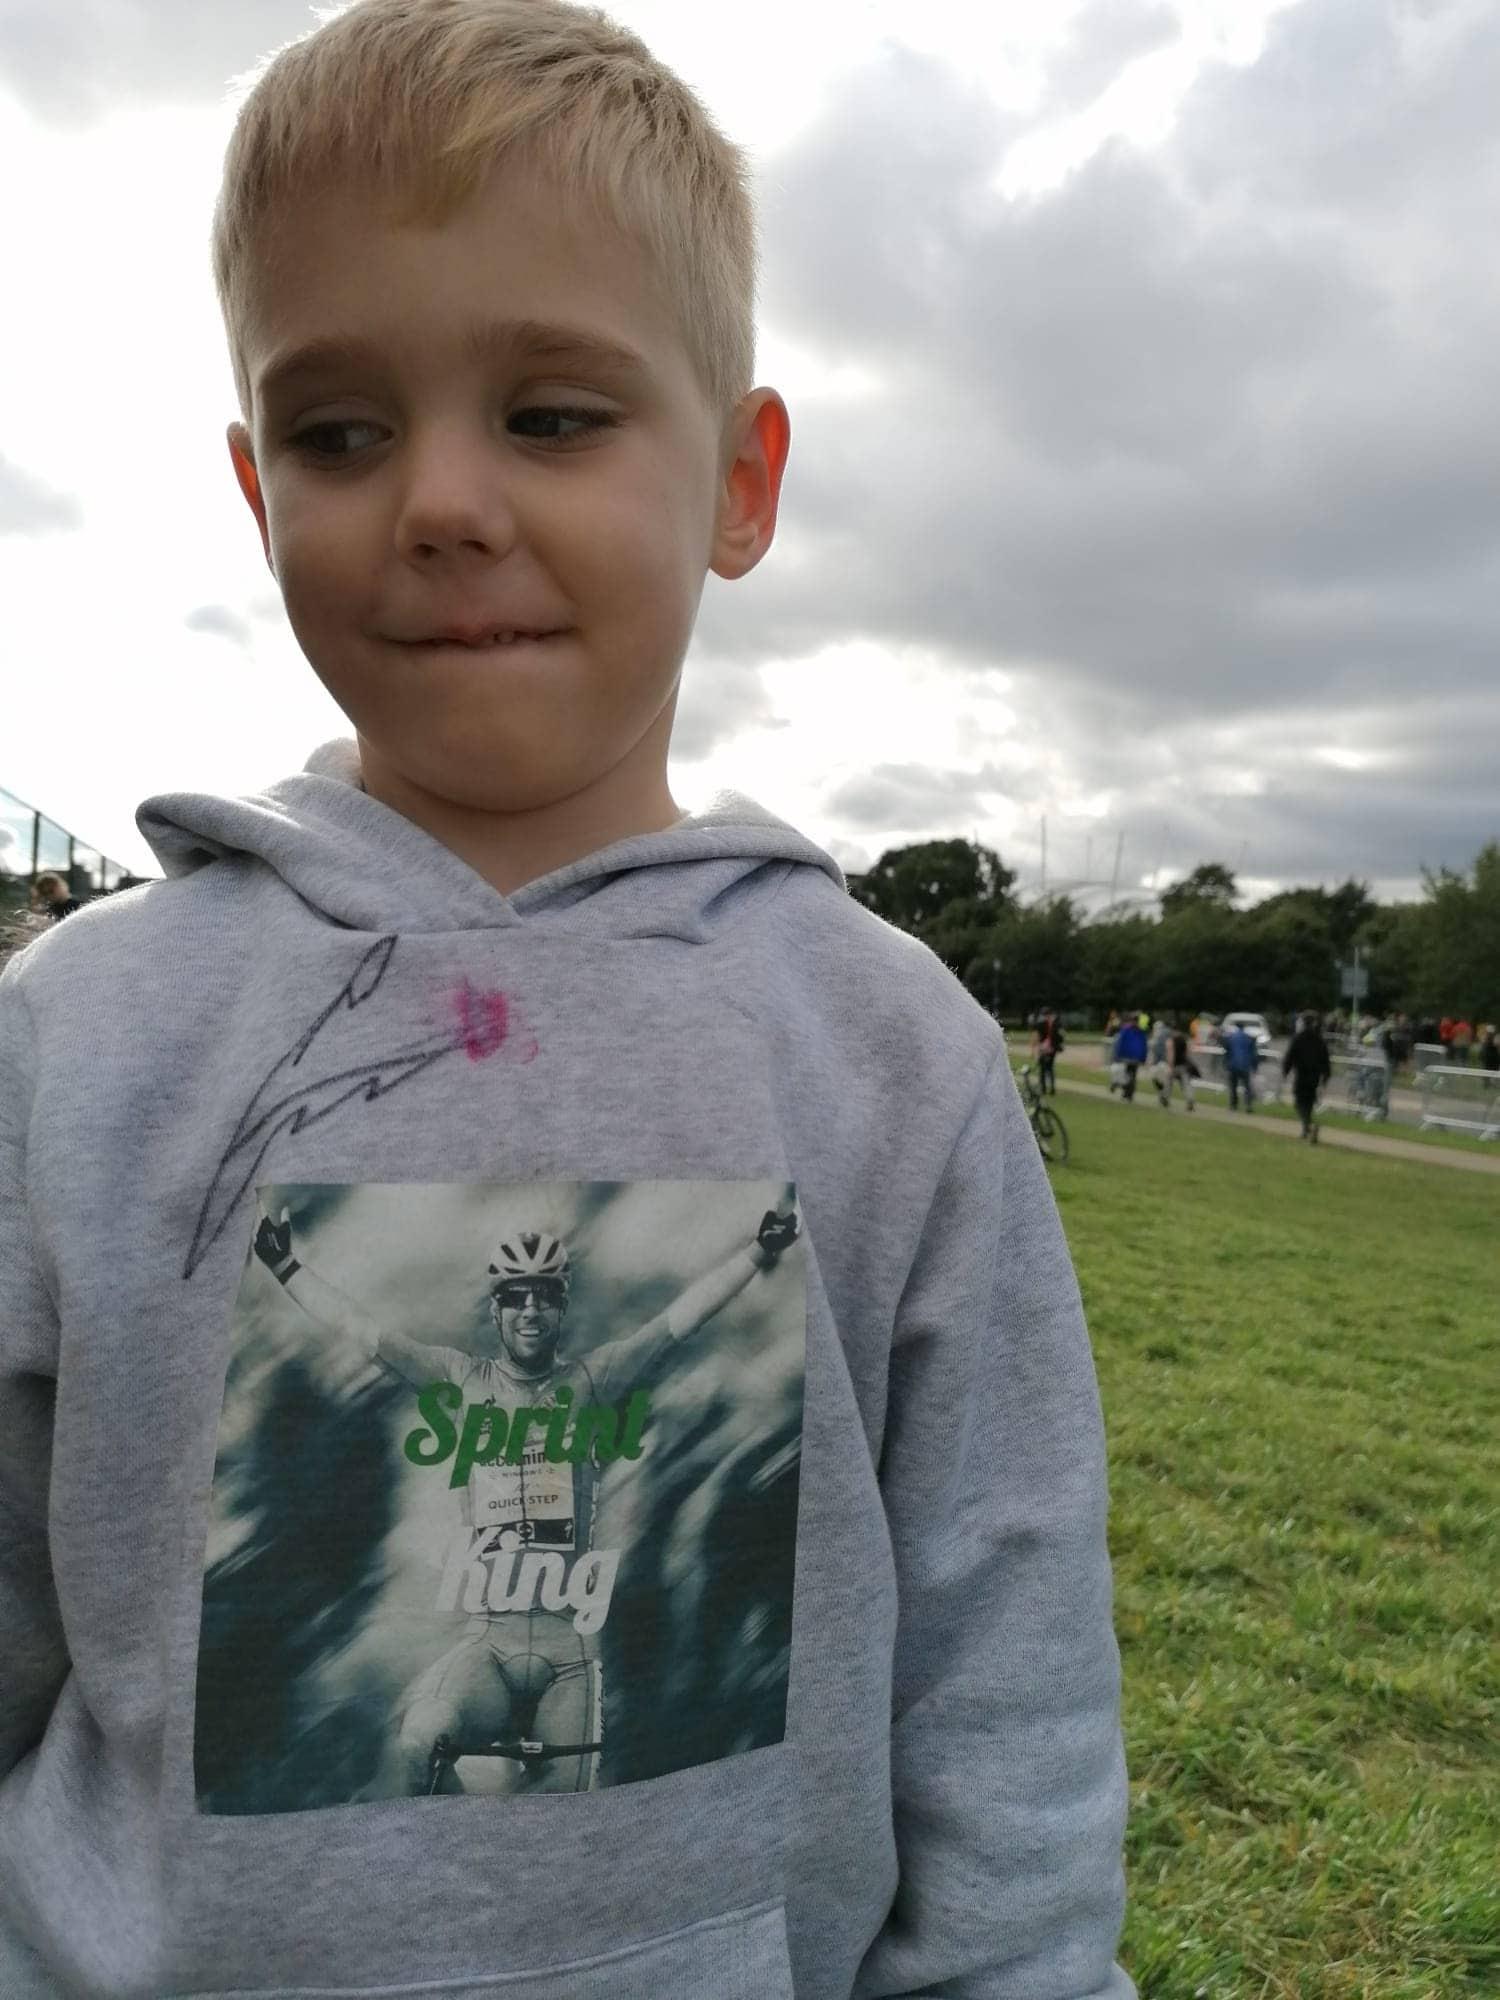 Young boy with bike racer on his hoodie sweatshirt